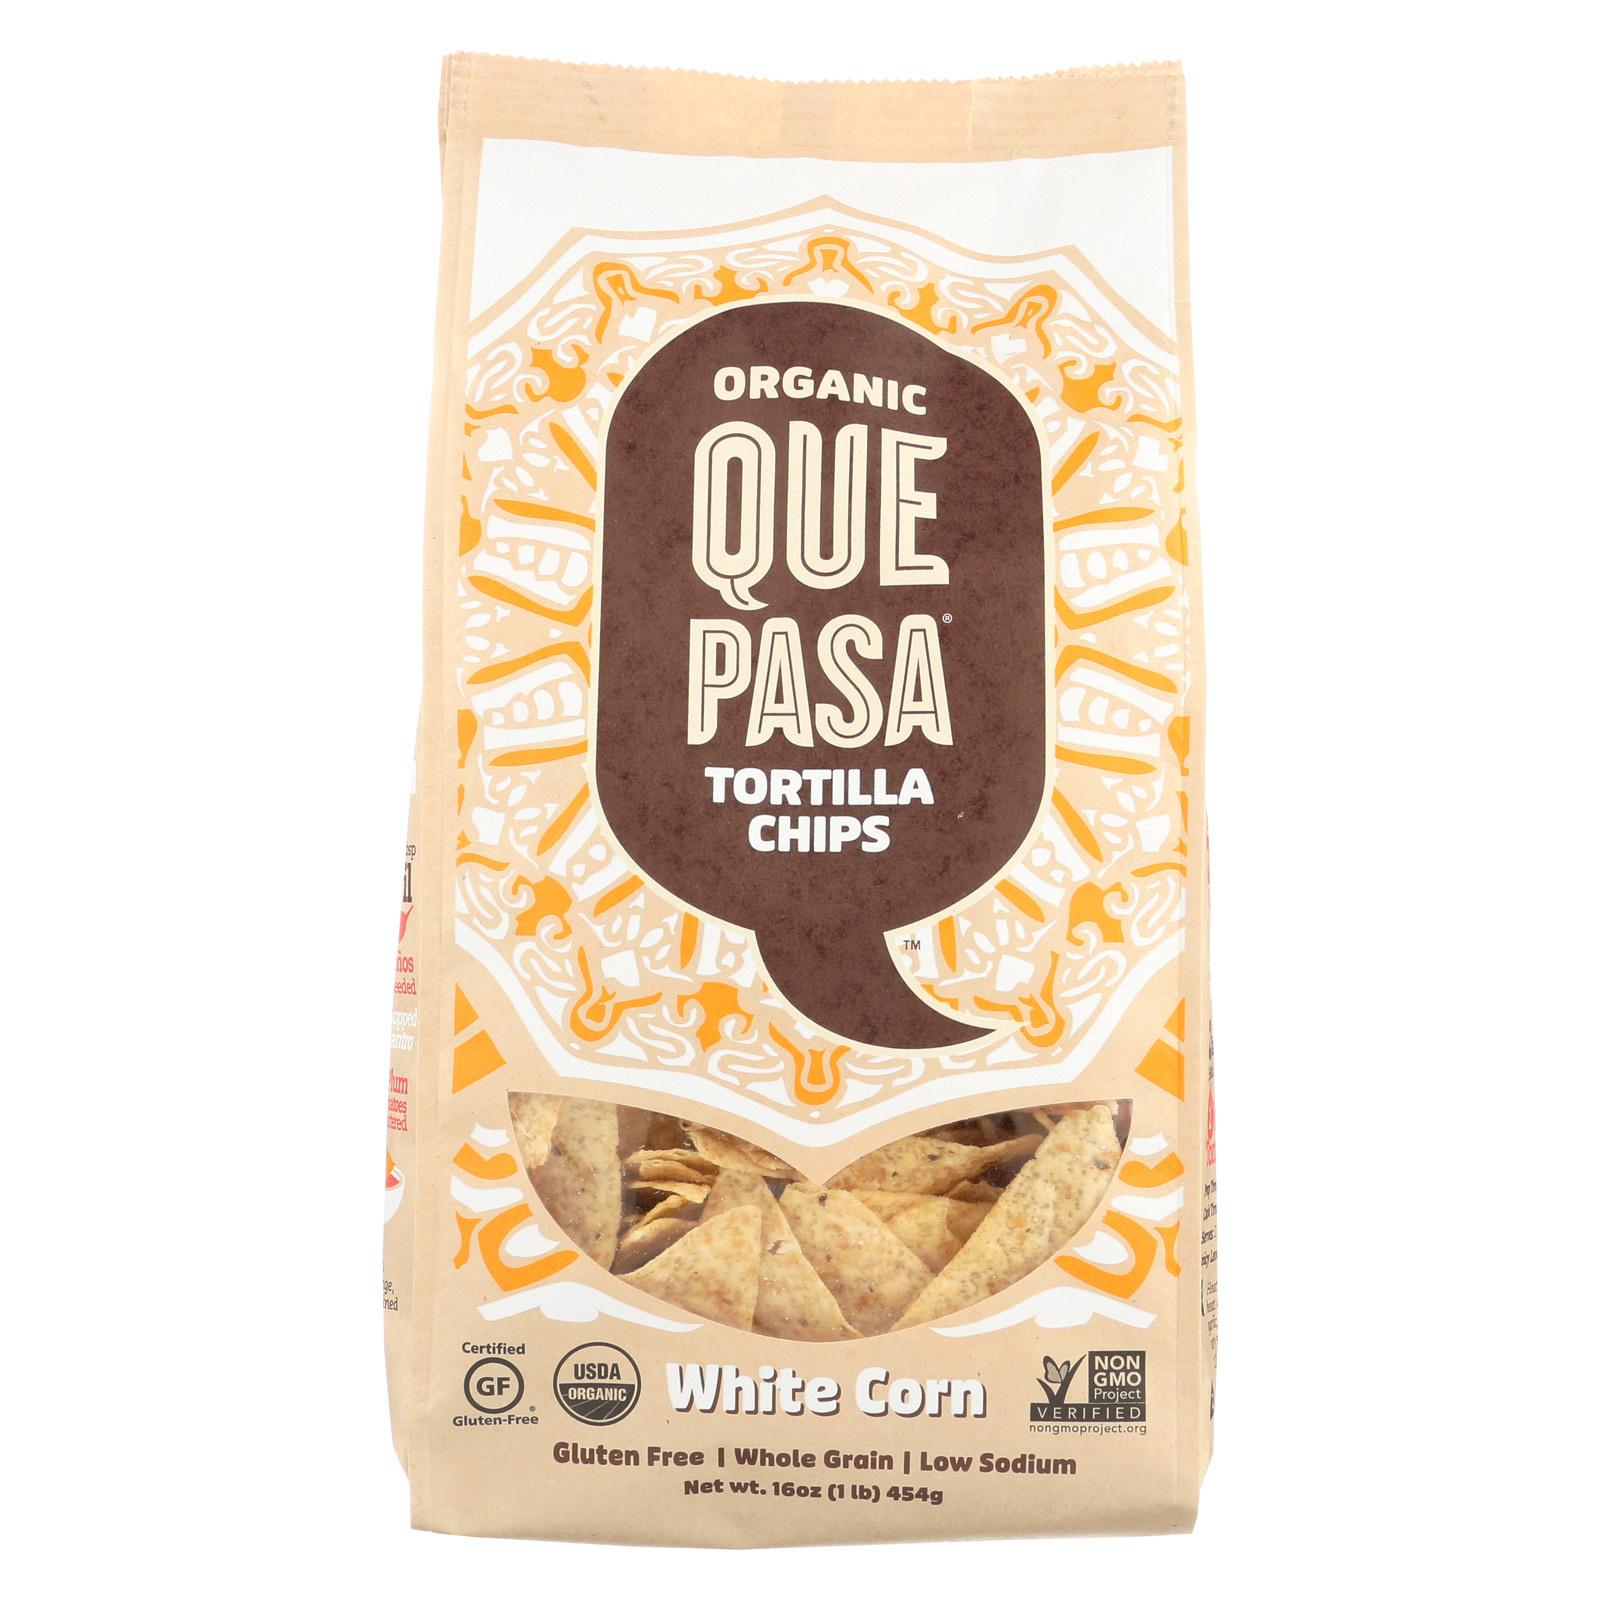 Que Pasa Tortilla Chips - White Corn - Case of 12 - 16 oz.